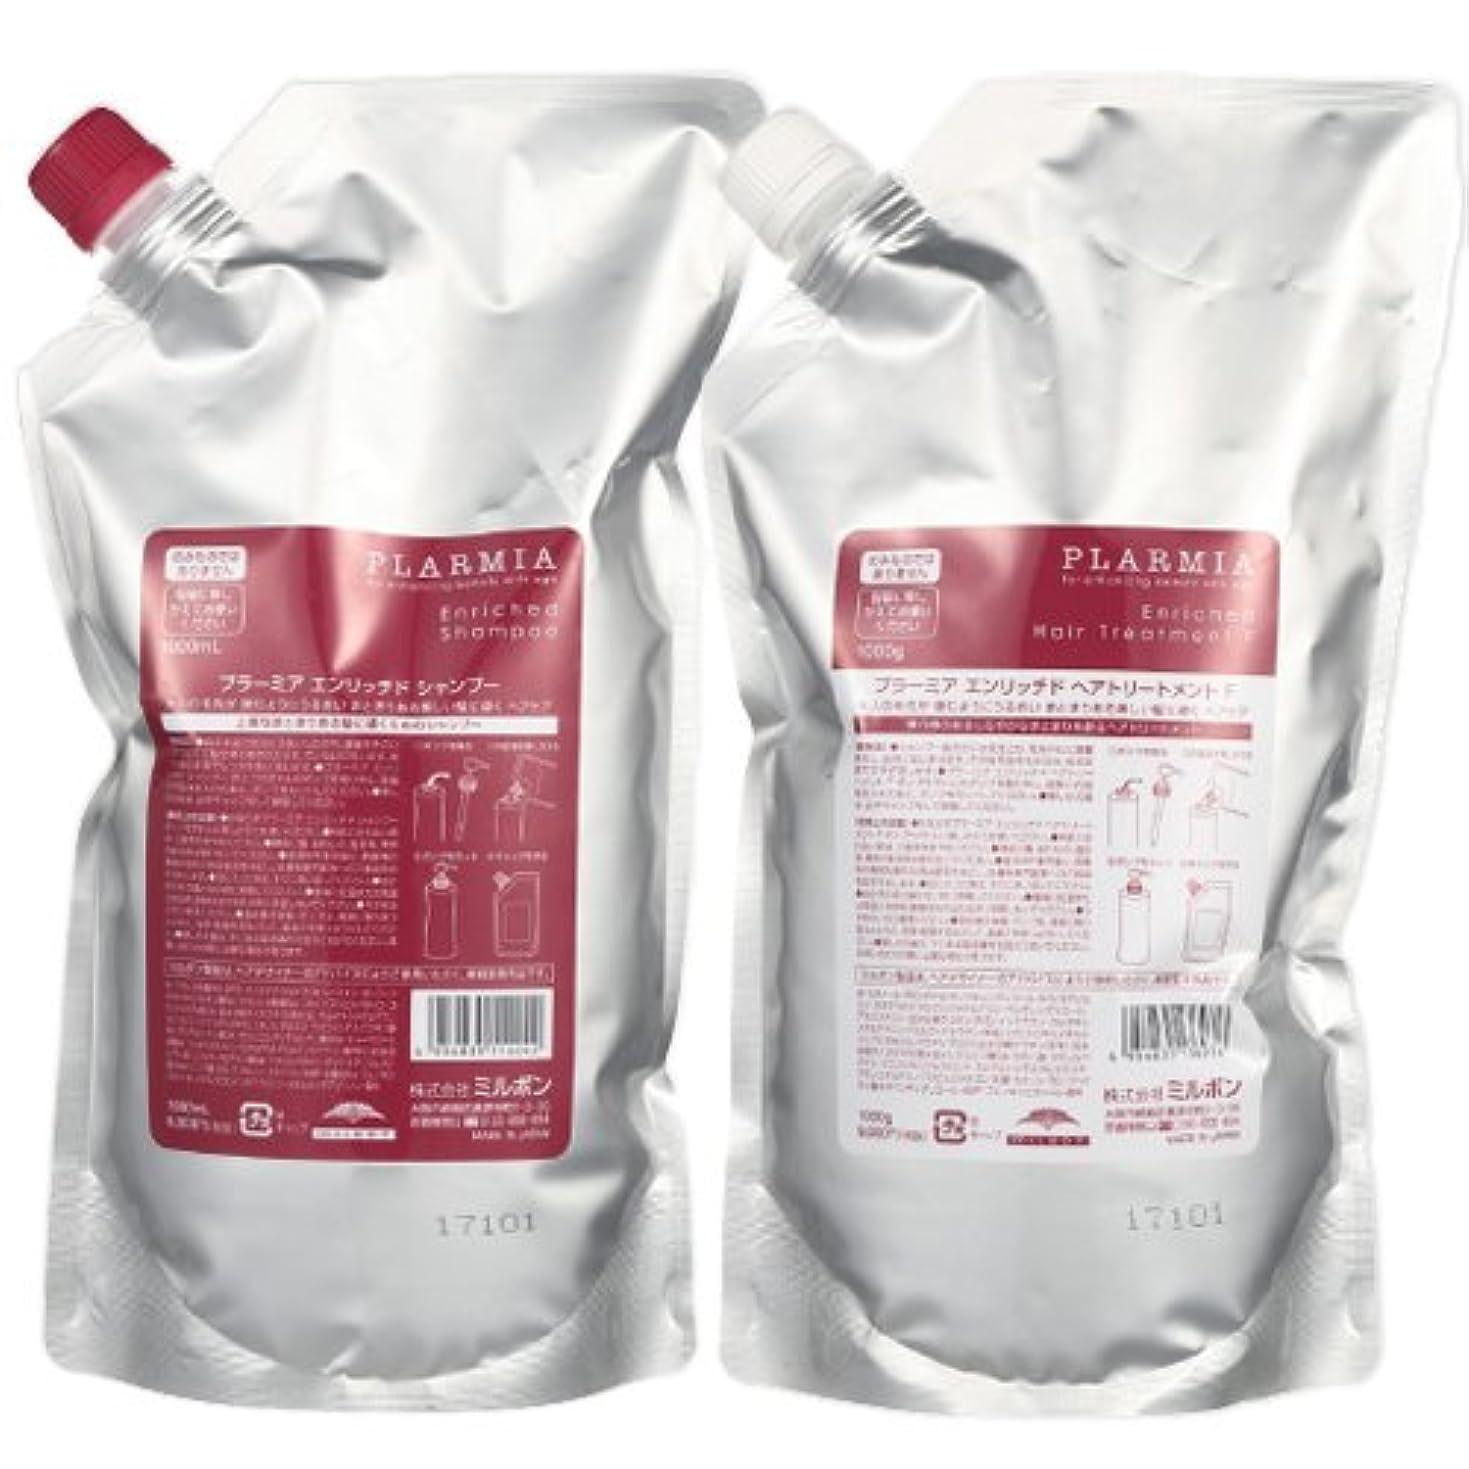 ベスト洗剤反応するミルボン プラーミア エンリッチド シャンプー 1000mL + トリートメント F 1000g 詰め替え セット